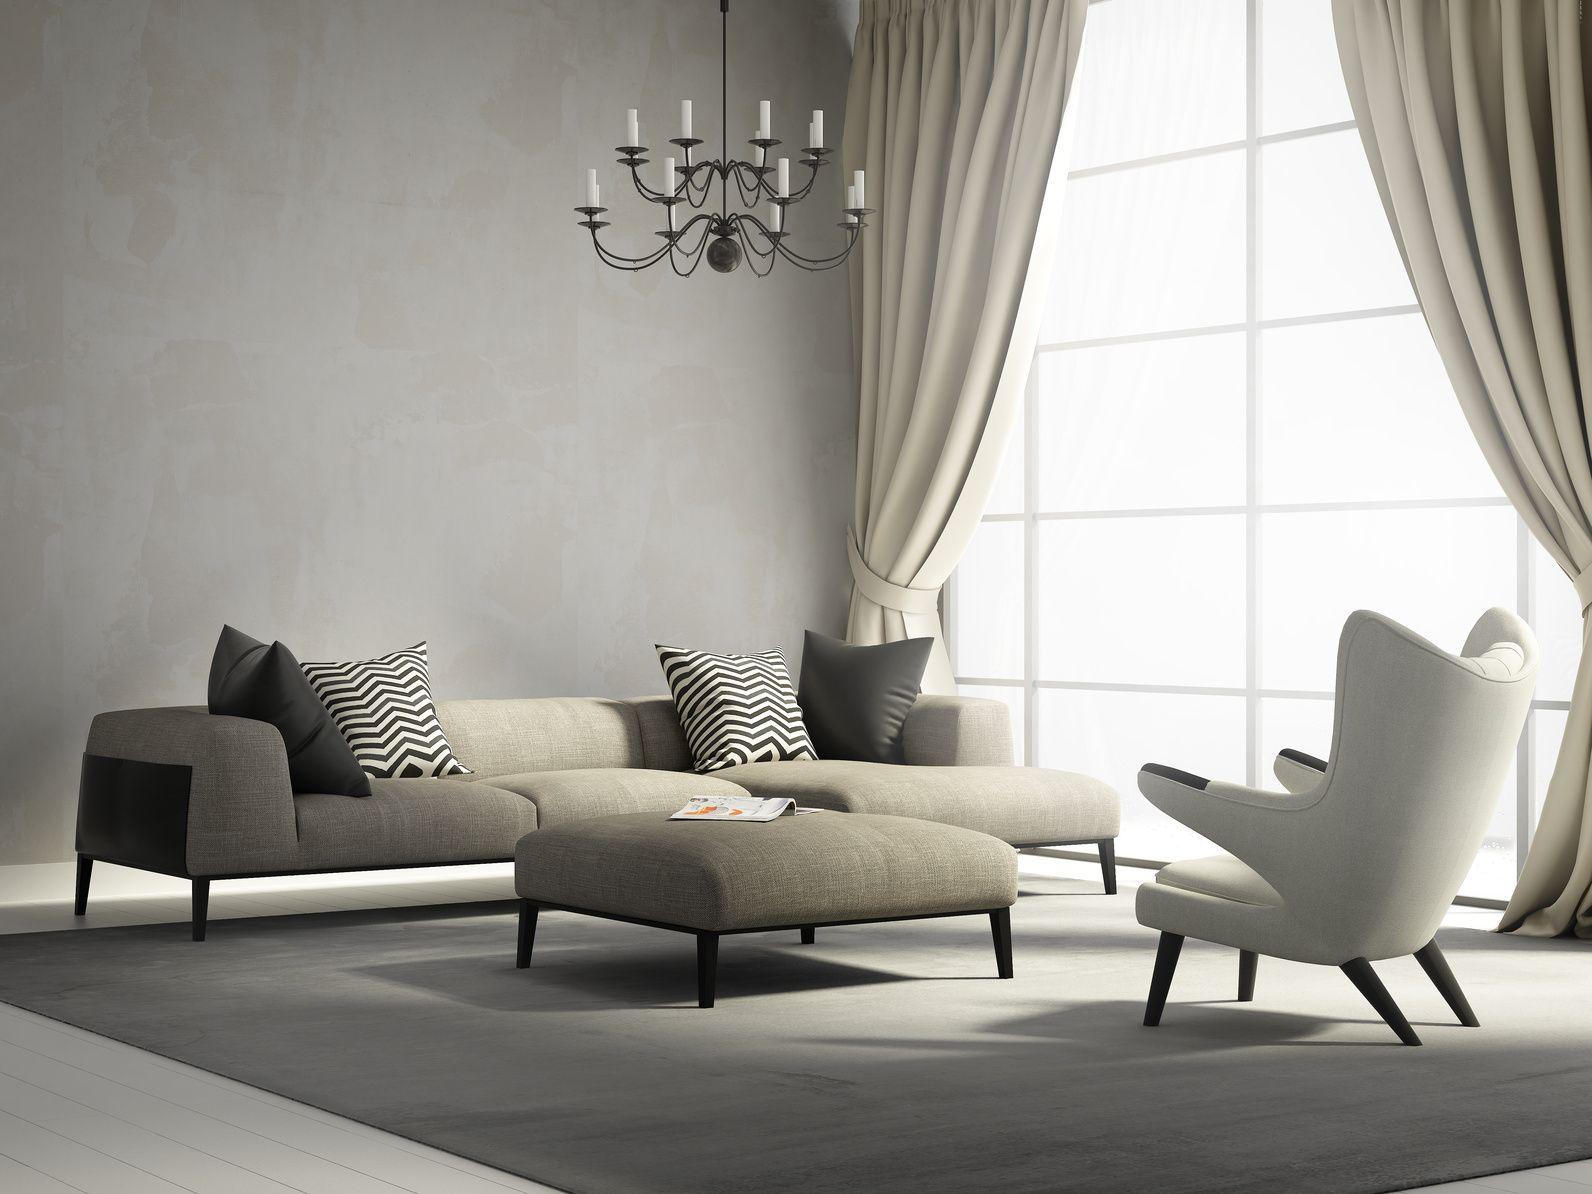 Bon Delightful Peinture A La Chaux Interieur Idees De Conception De Maison